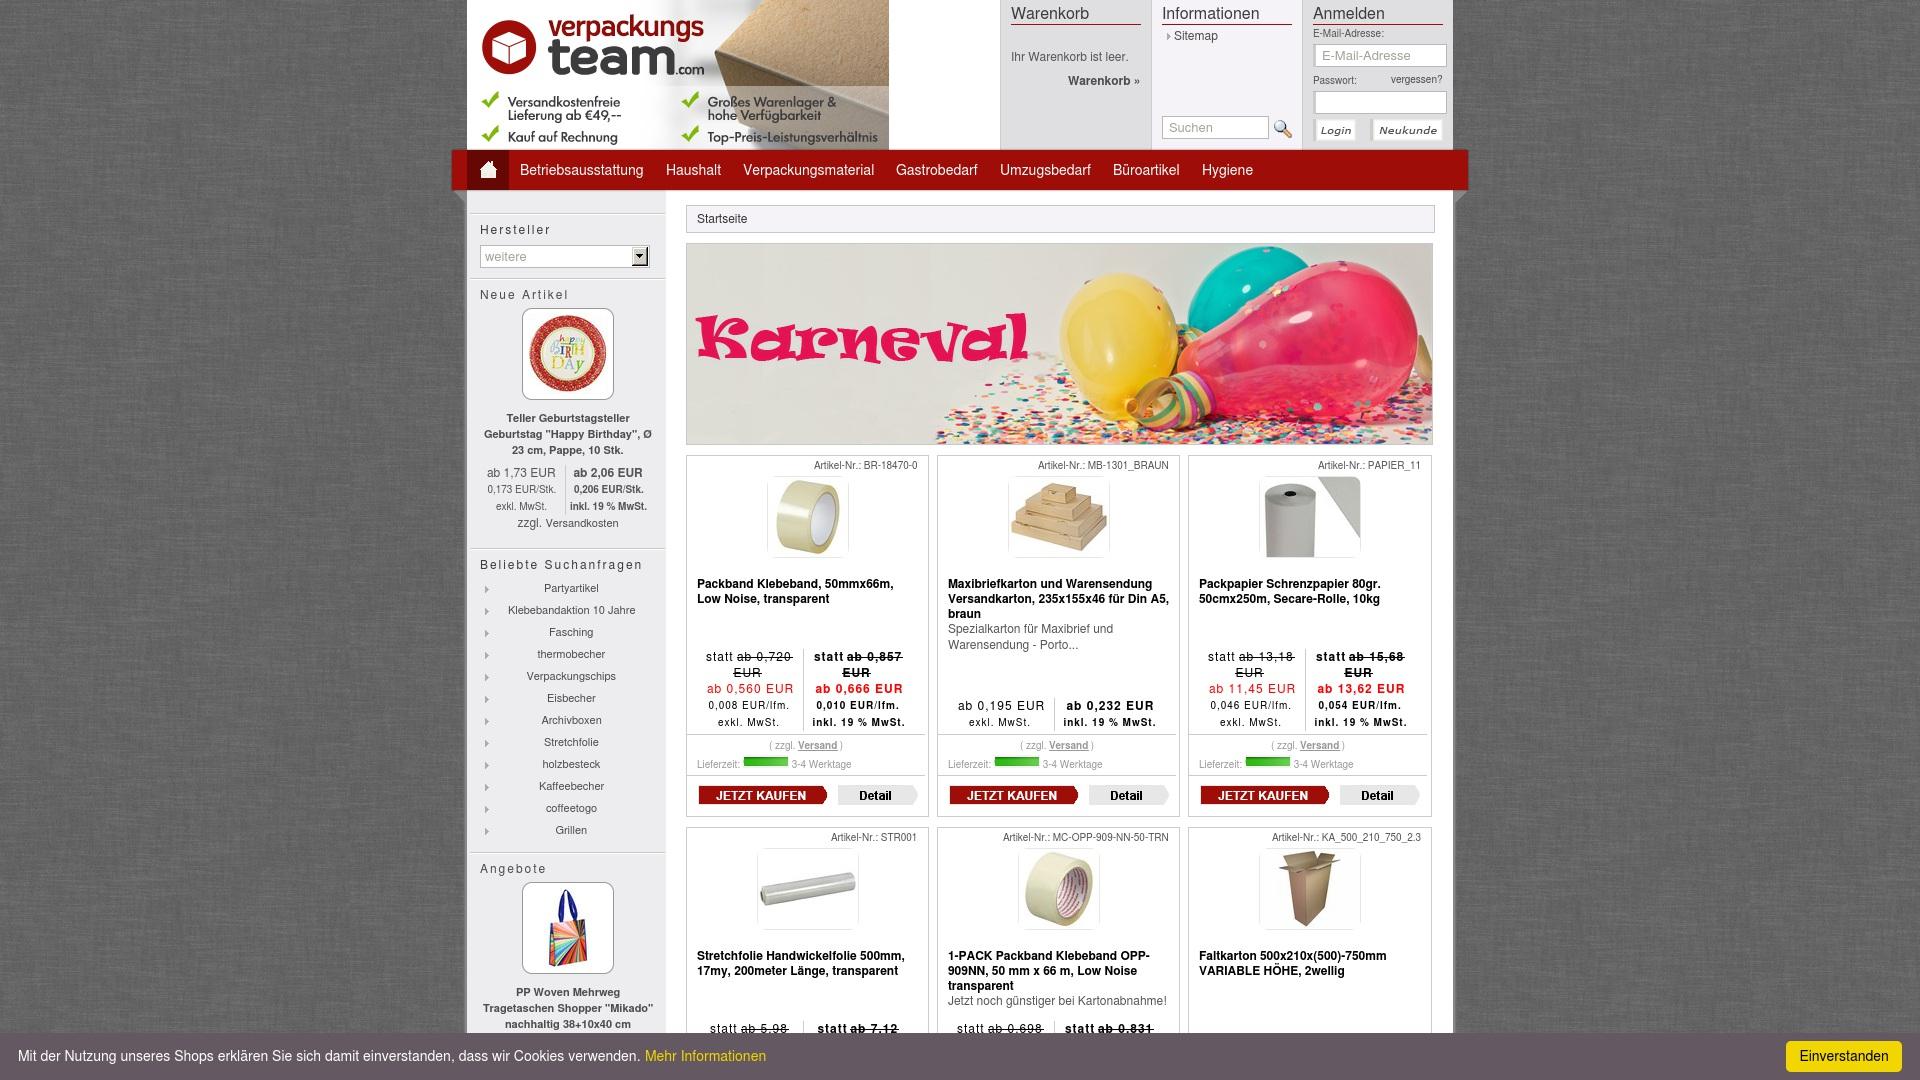 Gutschein für Verpackungsteam: Rabatte für  Verpackungsteam sichern